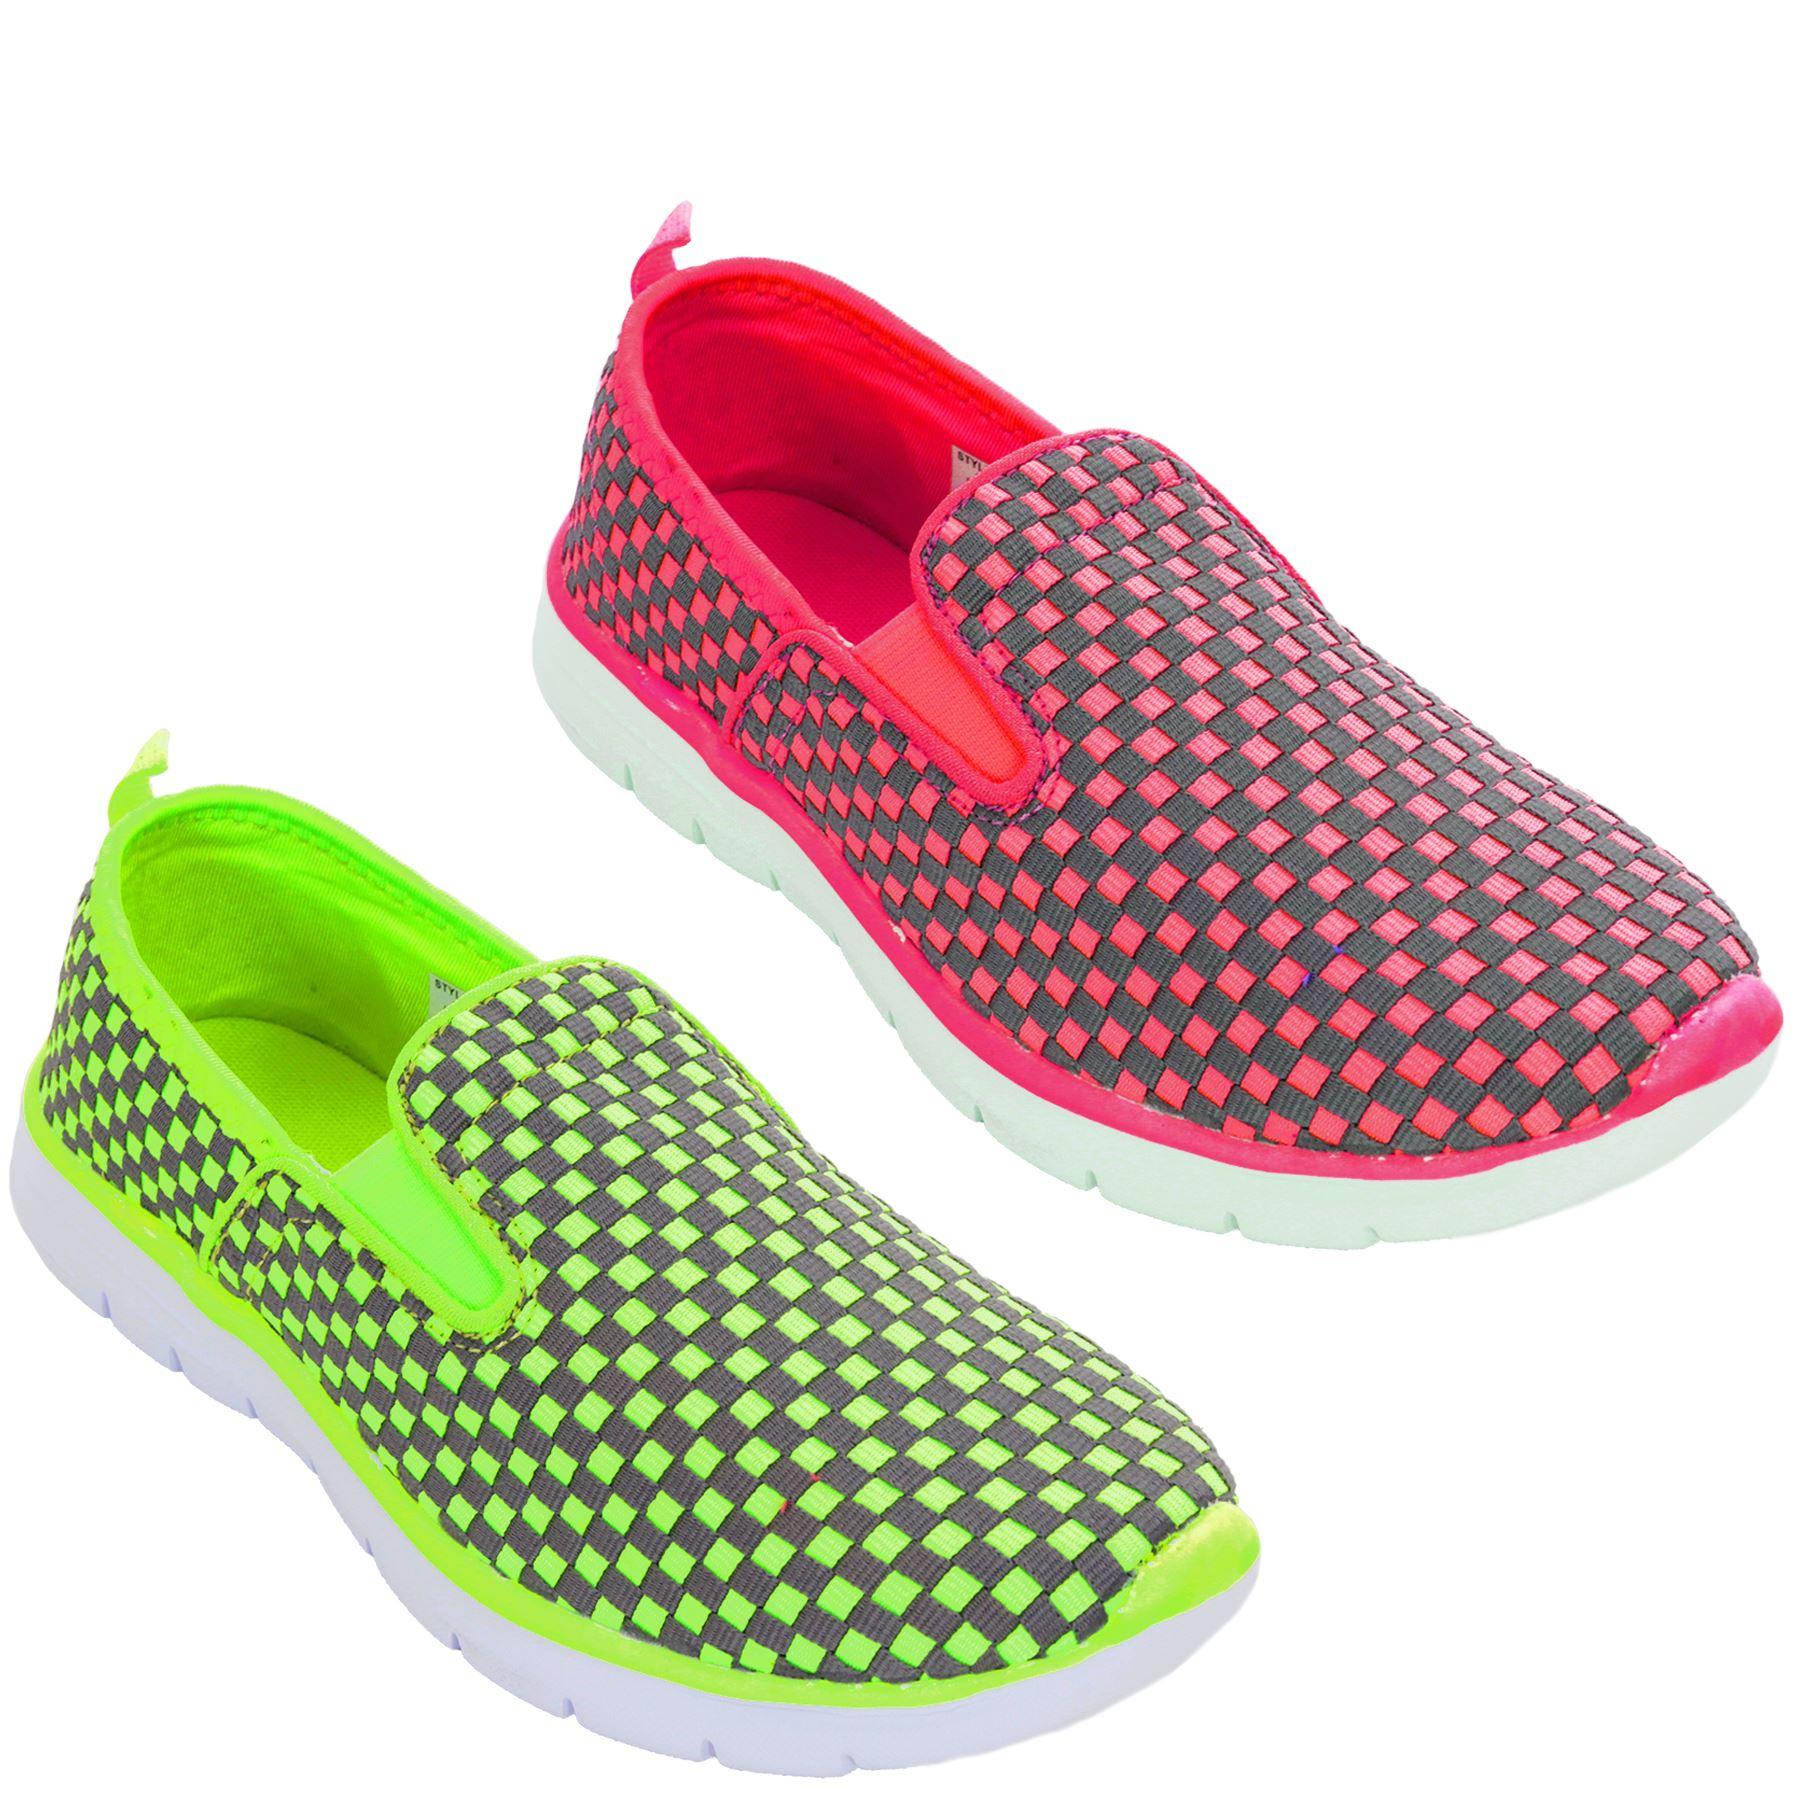 Detalles de Mujer sin Cordones Zapatillas de Cuadros Planas Zapatos Cómodos